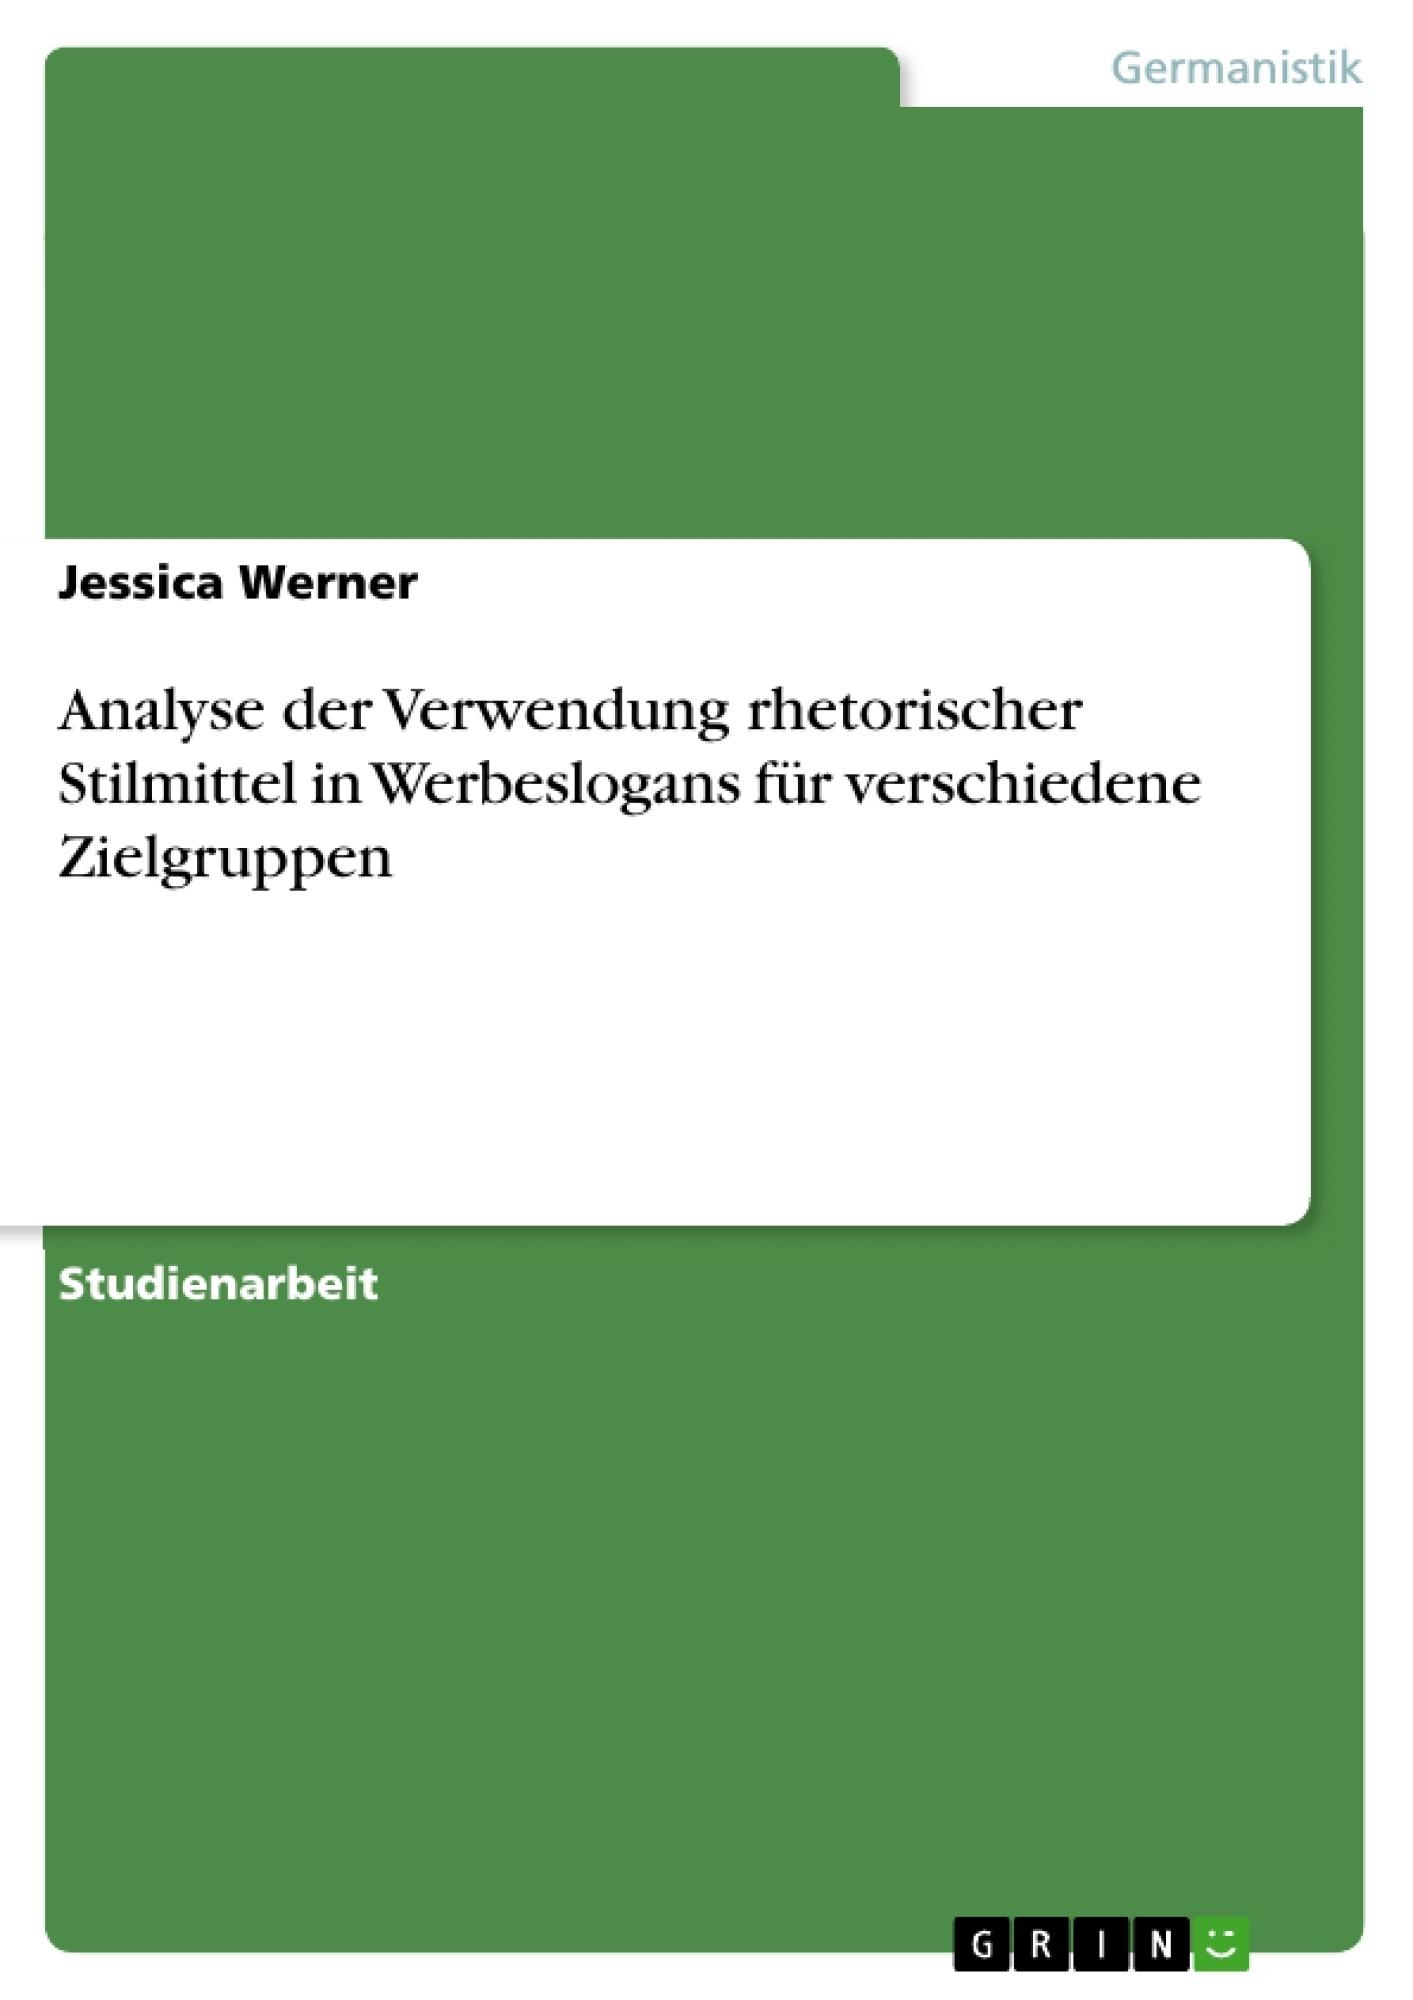 Titel: Analyse der Verwendung rhetorischer Stilmittel in Werbeslogans für verschiedene Zielgruppen